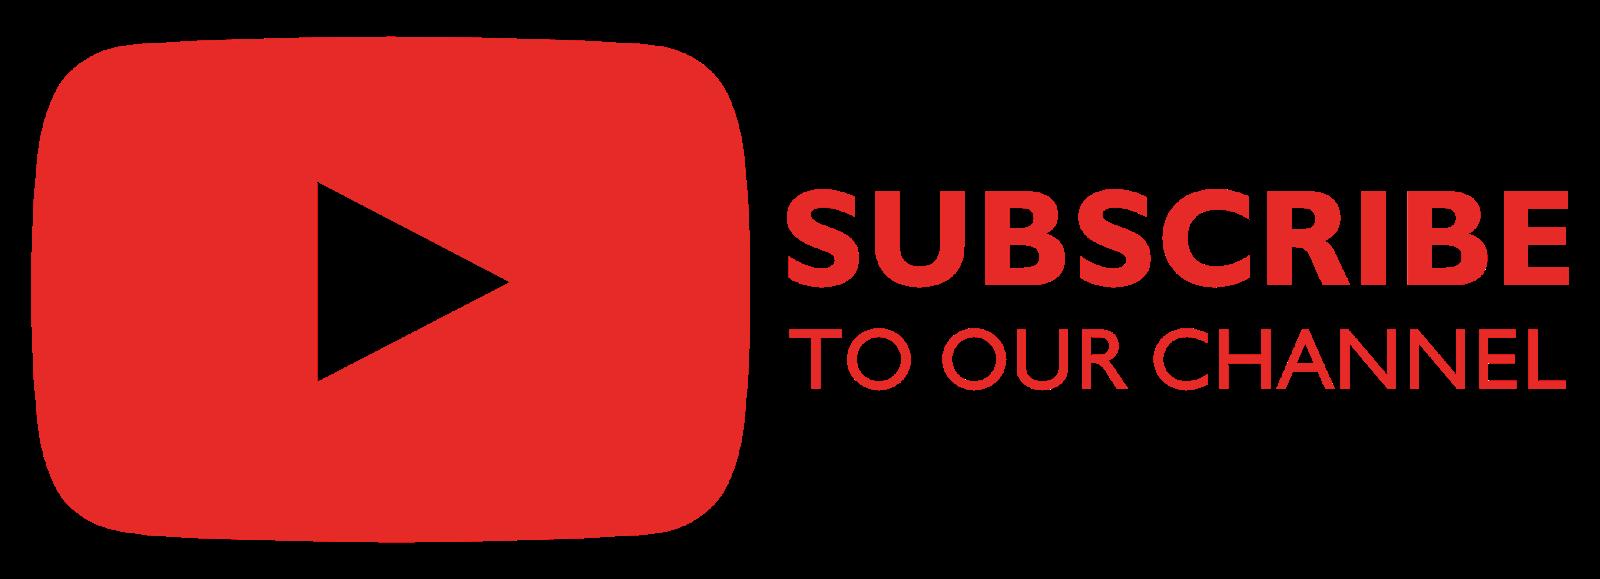 Düşbahçesi Blog YouTube Kanalı